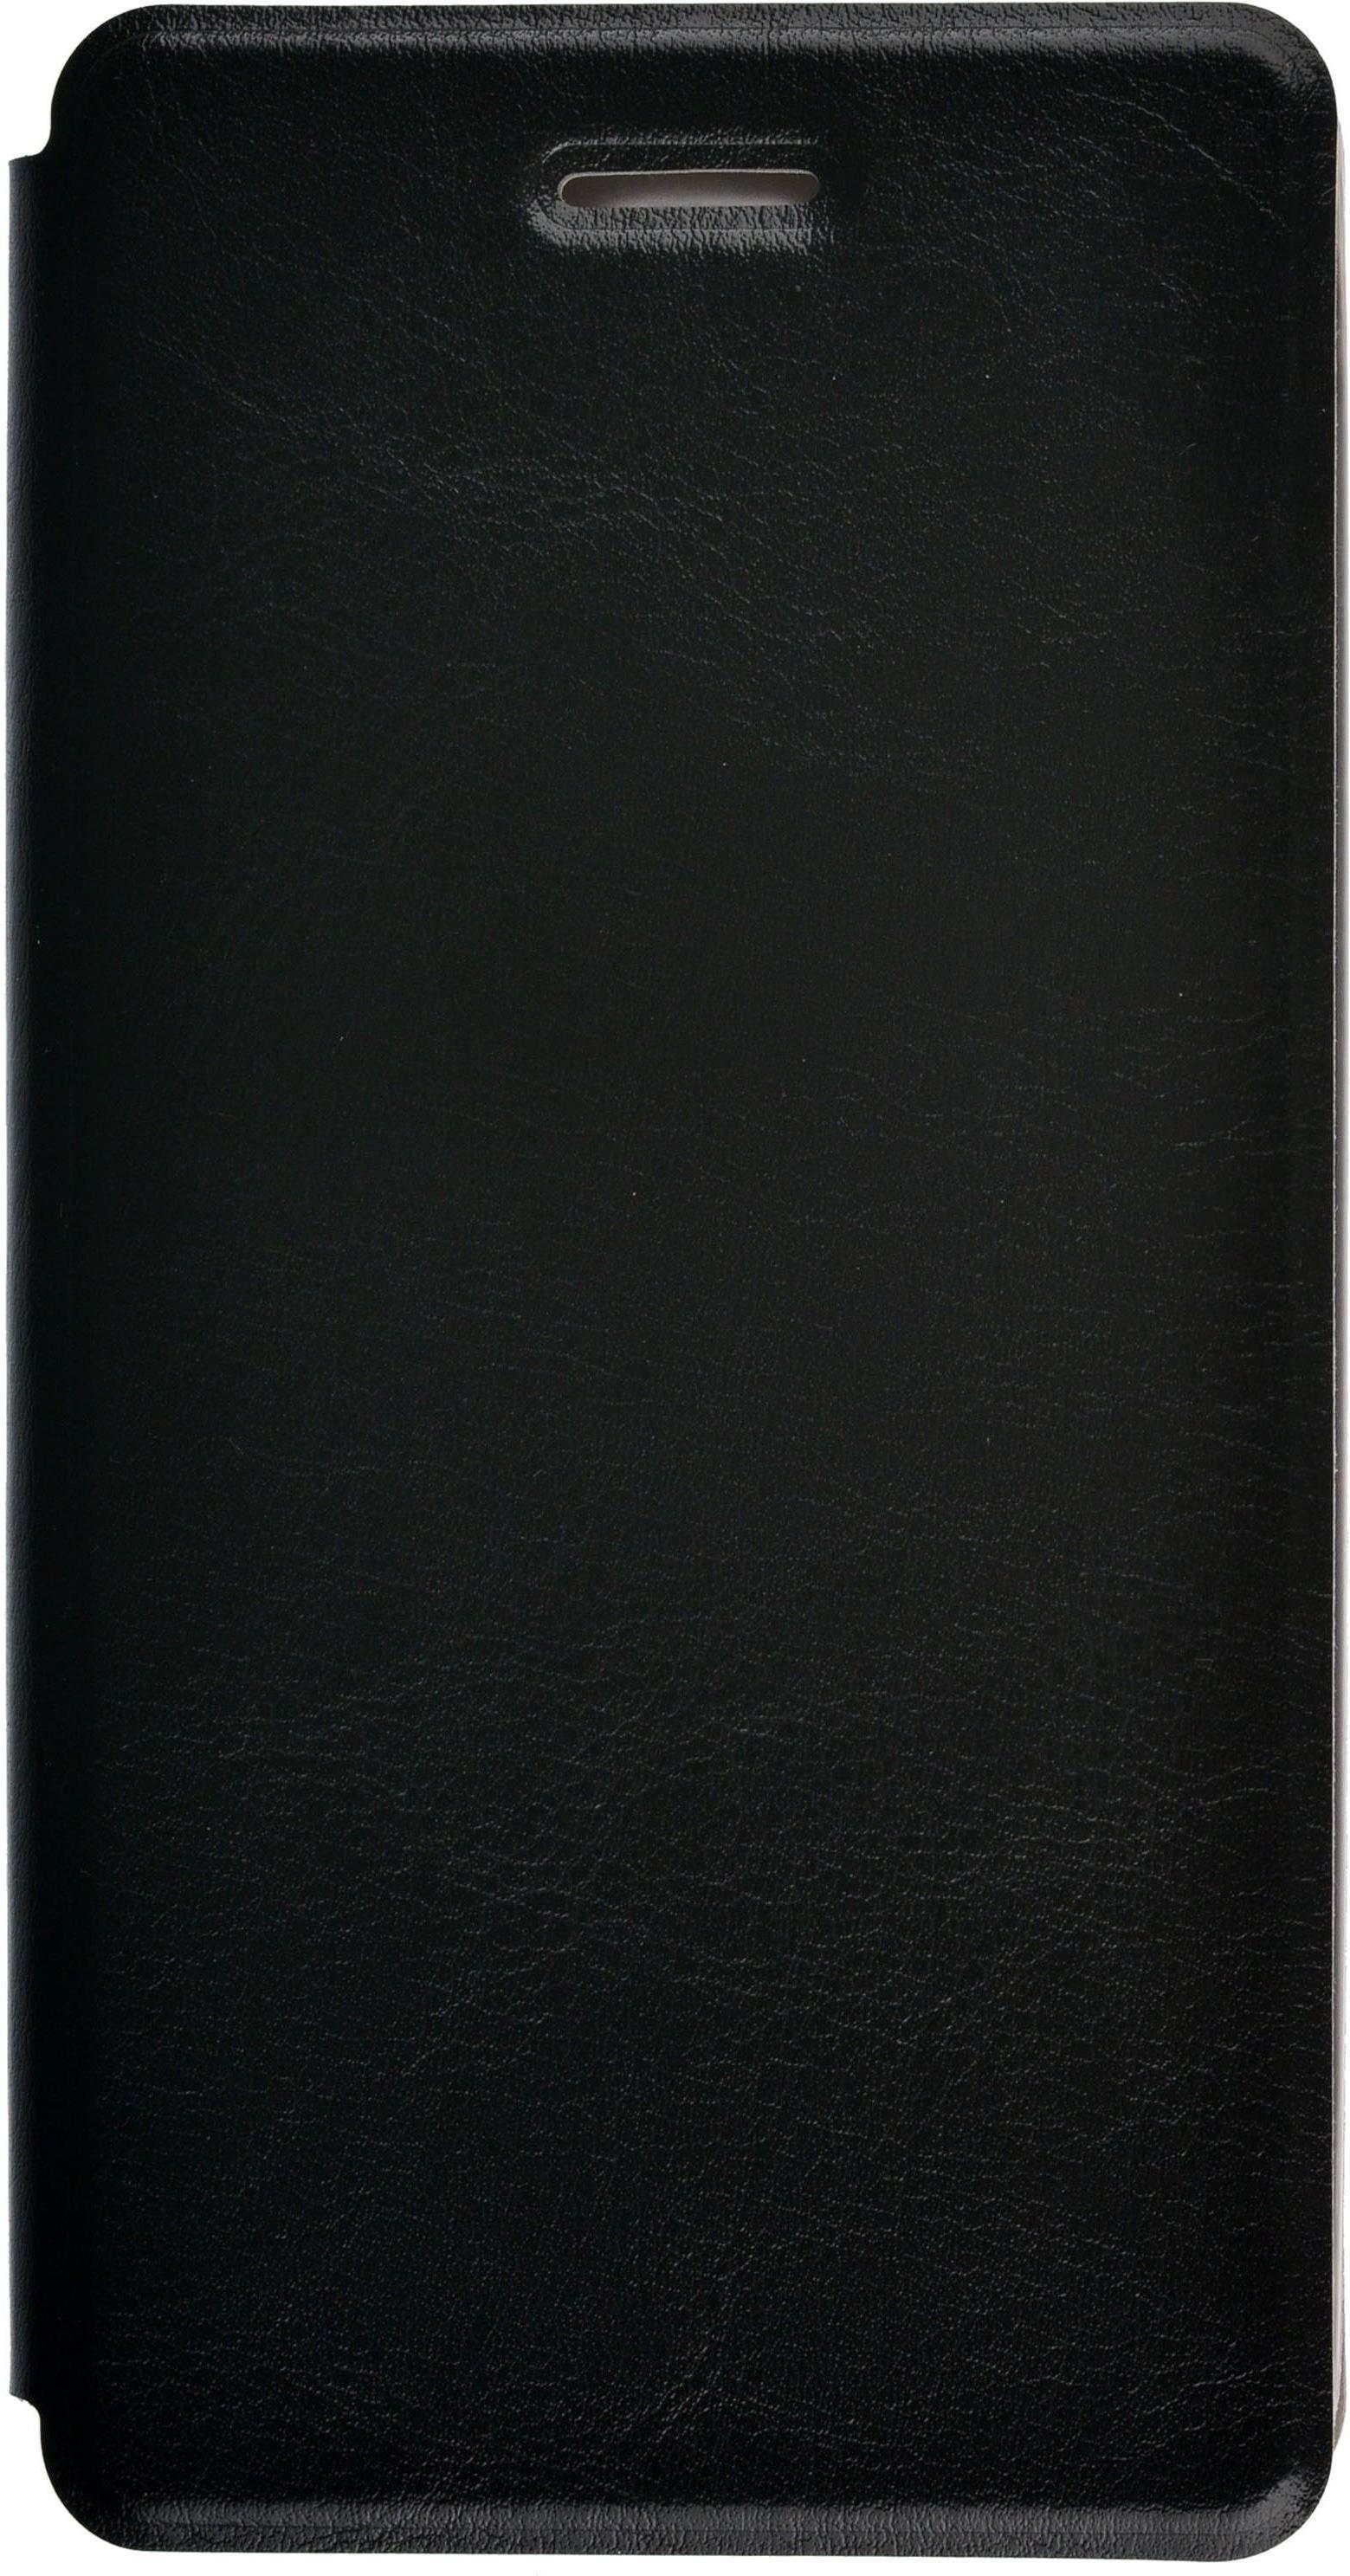 Чехол для сотового телефона skinBOX Lux, 4660041407143, черный